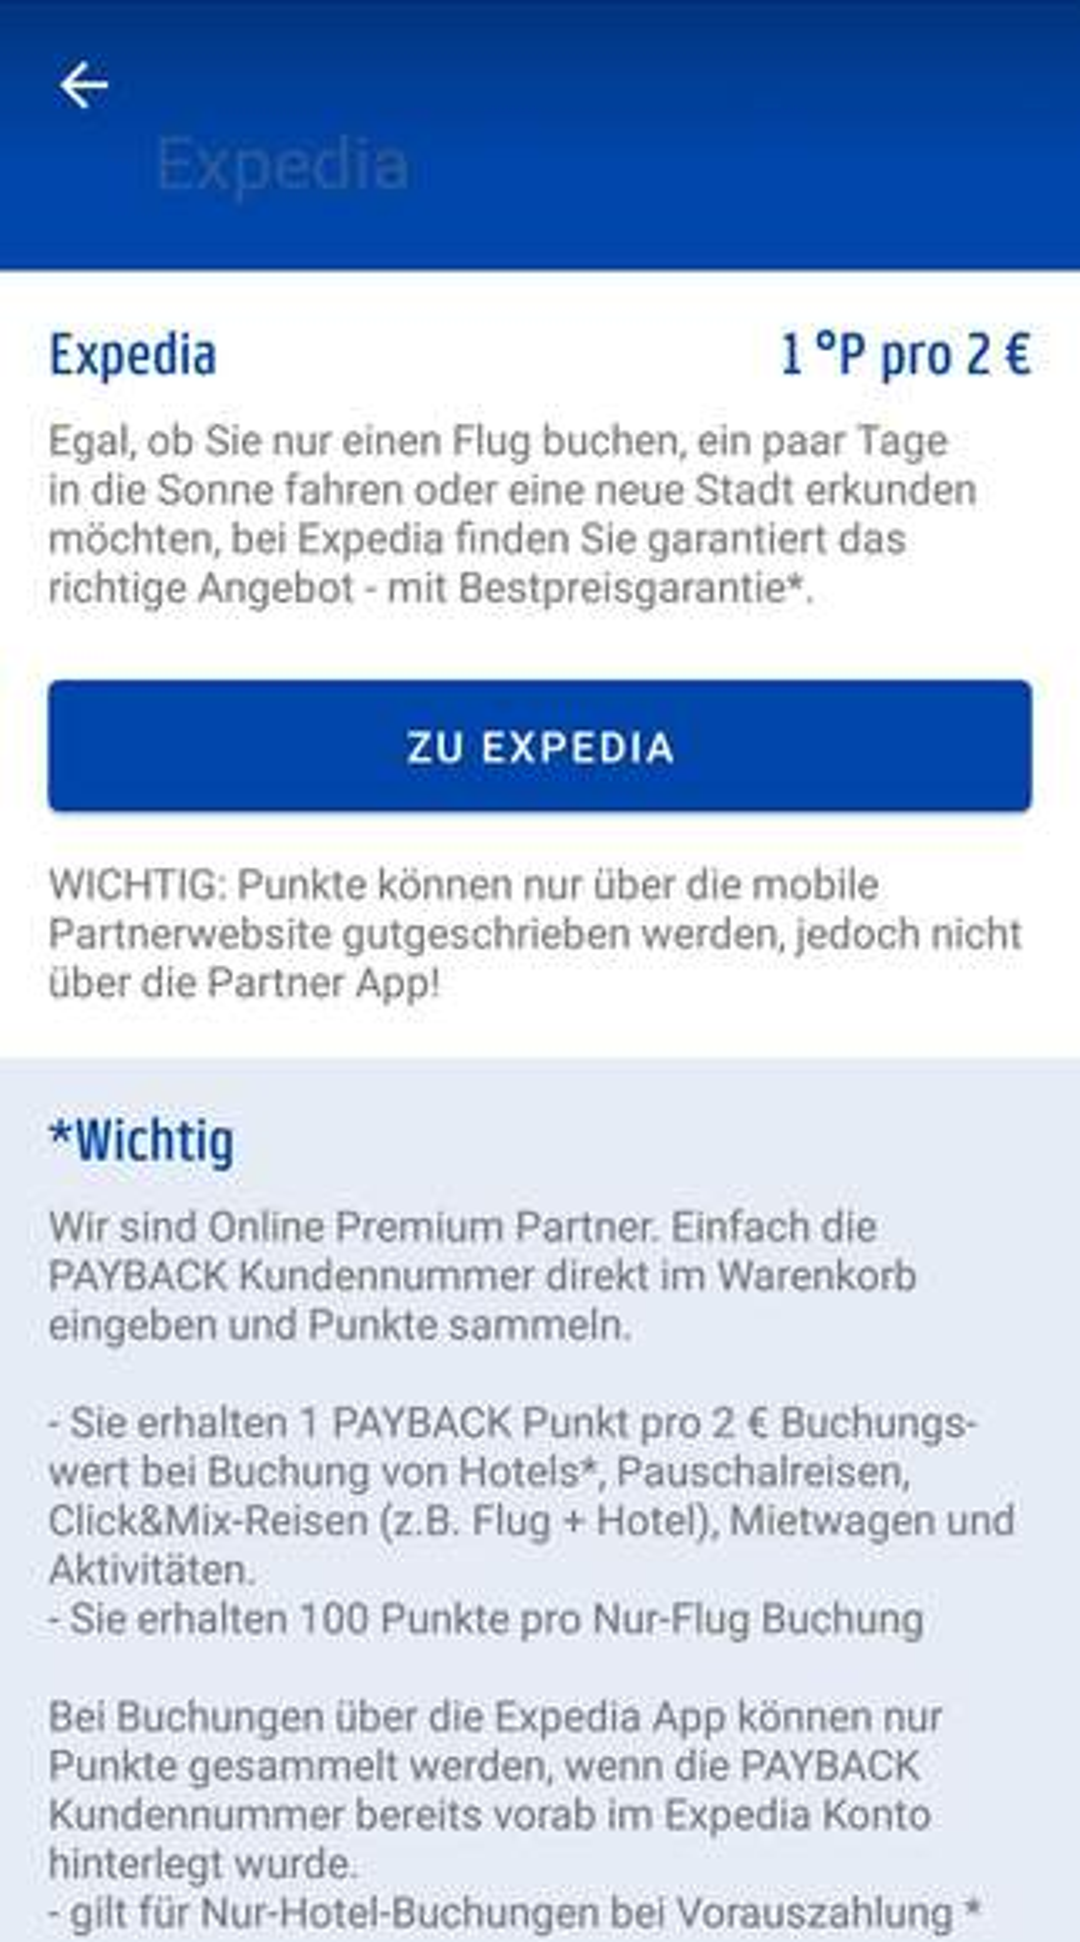 Shoop Bei Expedia 12 Cashback Auf Hotelbuchungen 15 Cashback Auf